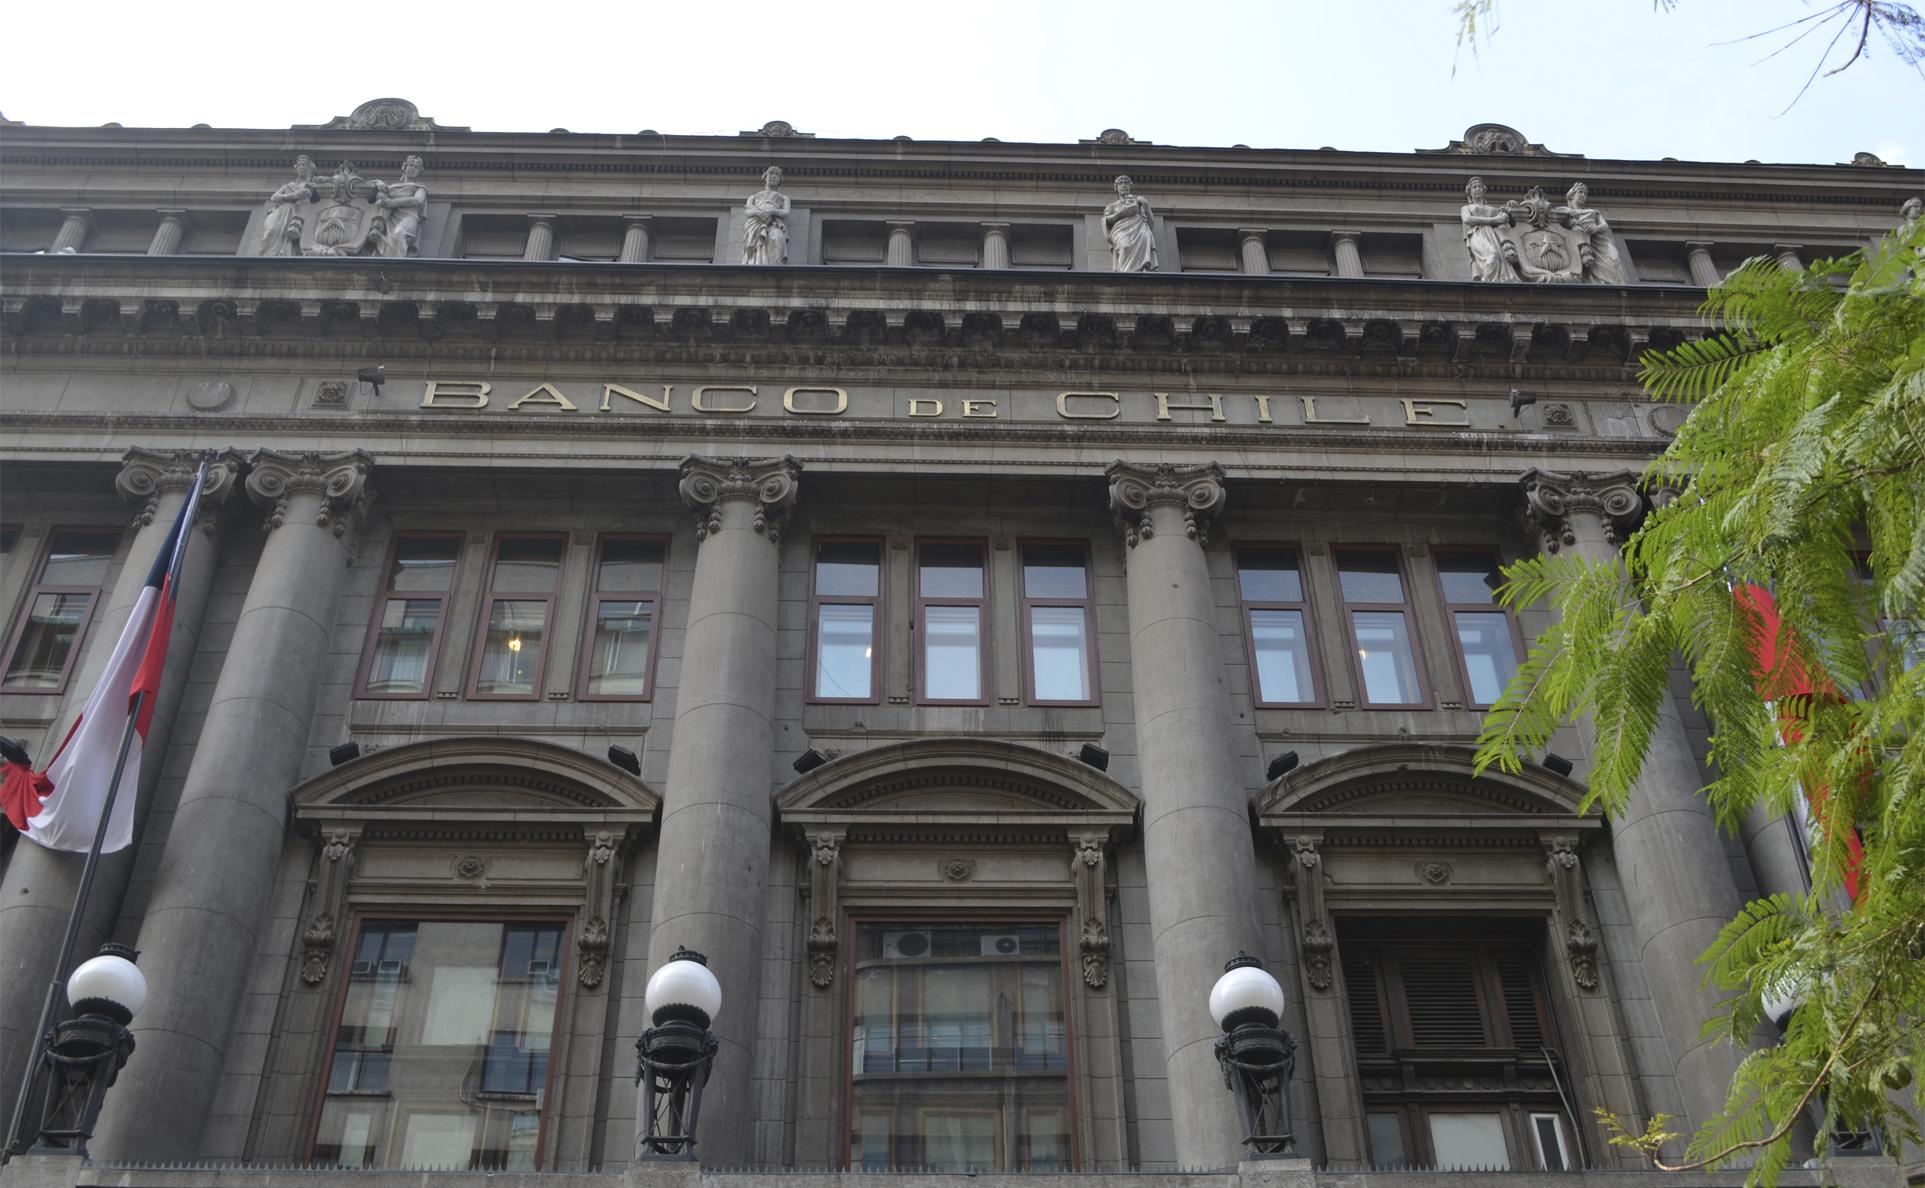 Banco de Chile, Copec, Endesa, Enersis y Falabella hicieron aportes reservados a campañas y Fiscalía pide conocer los detalles